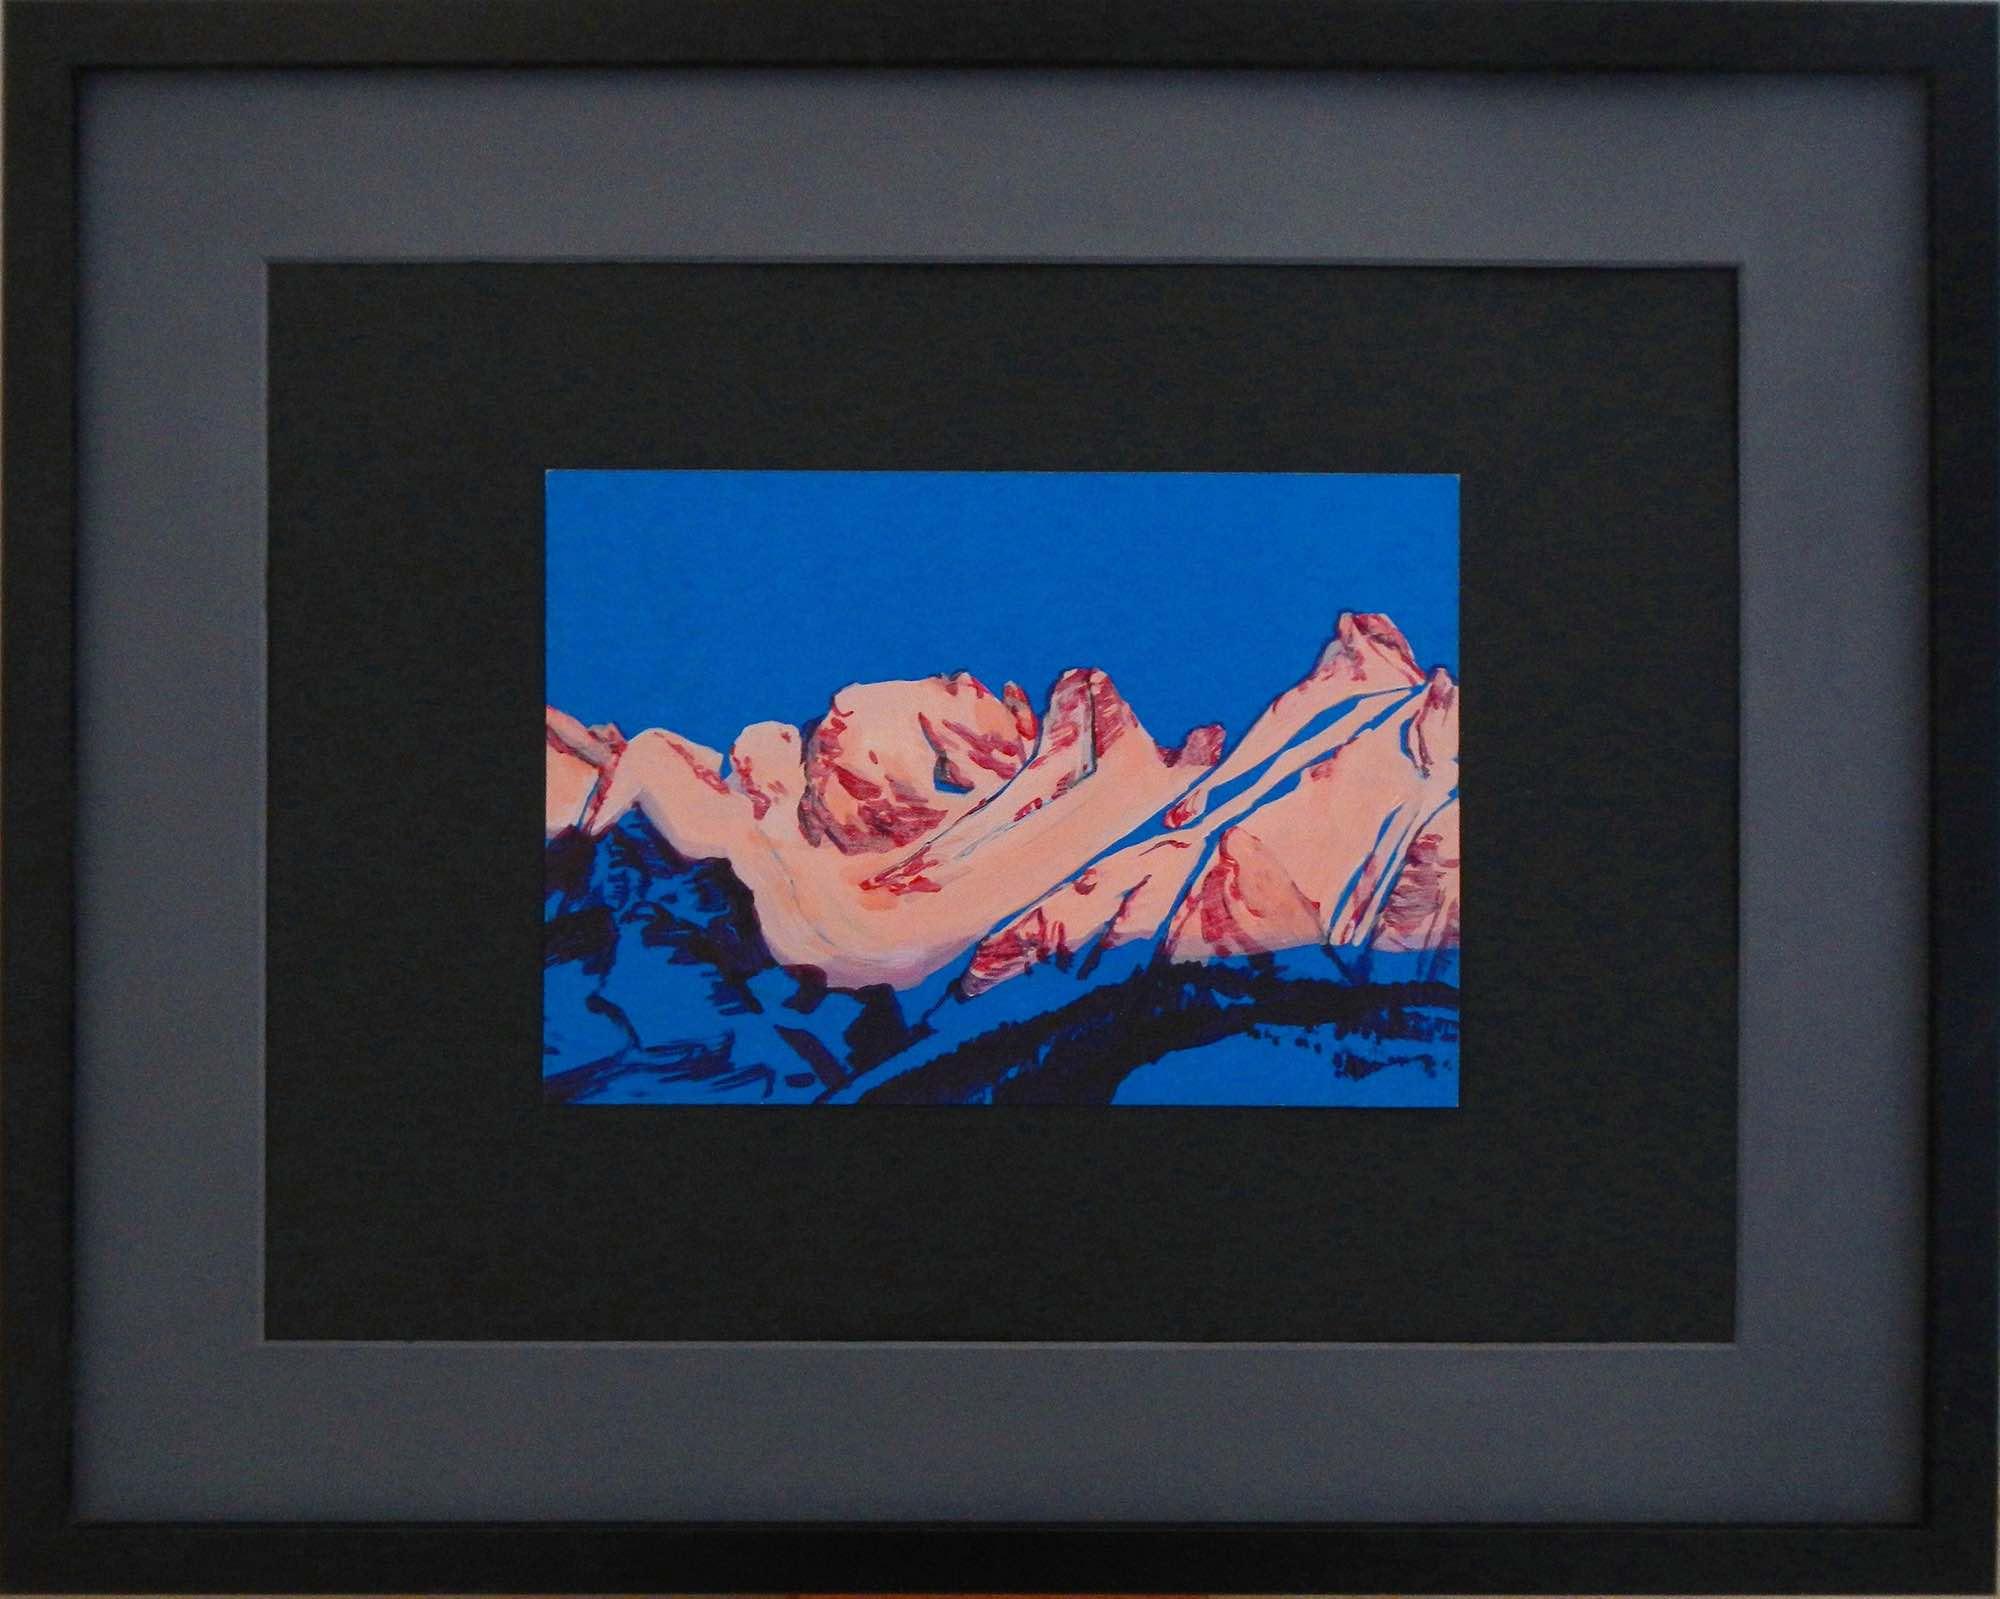 Интерьерная картина с горным пейзажем